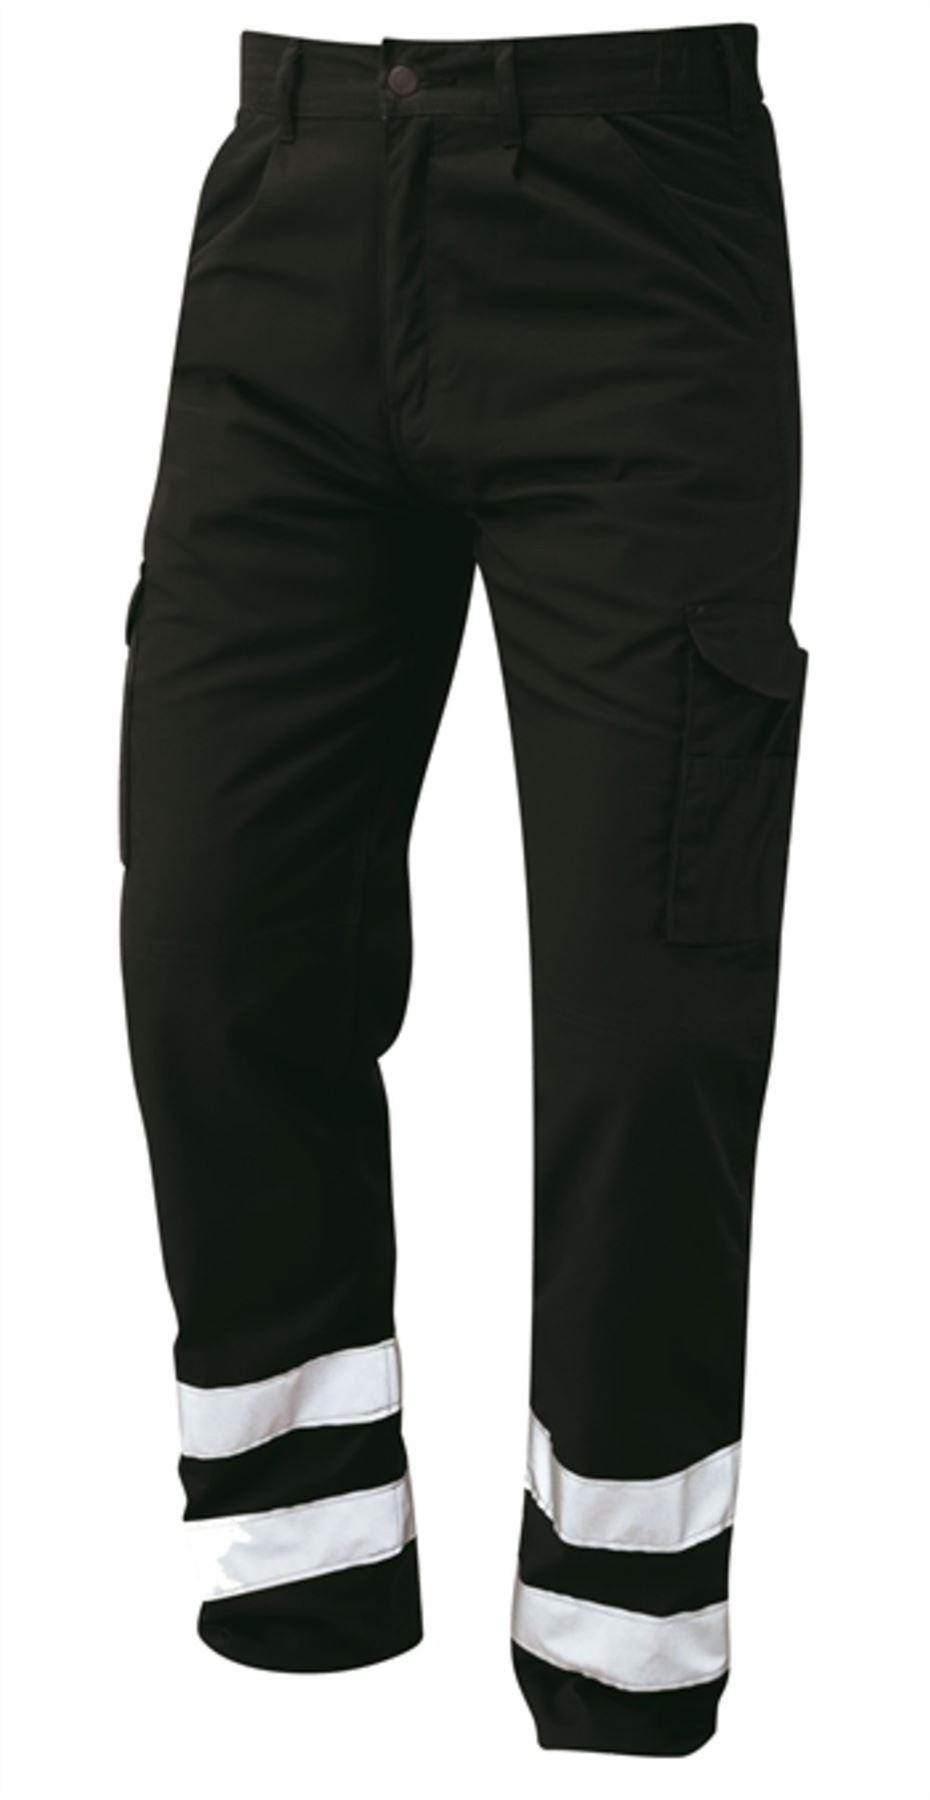 Orn Condor Hi Vis Kneepad Trousers - Black|50W29L